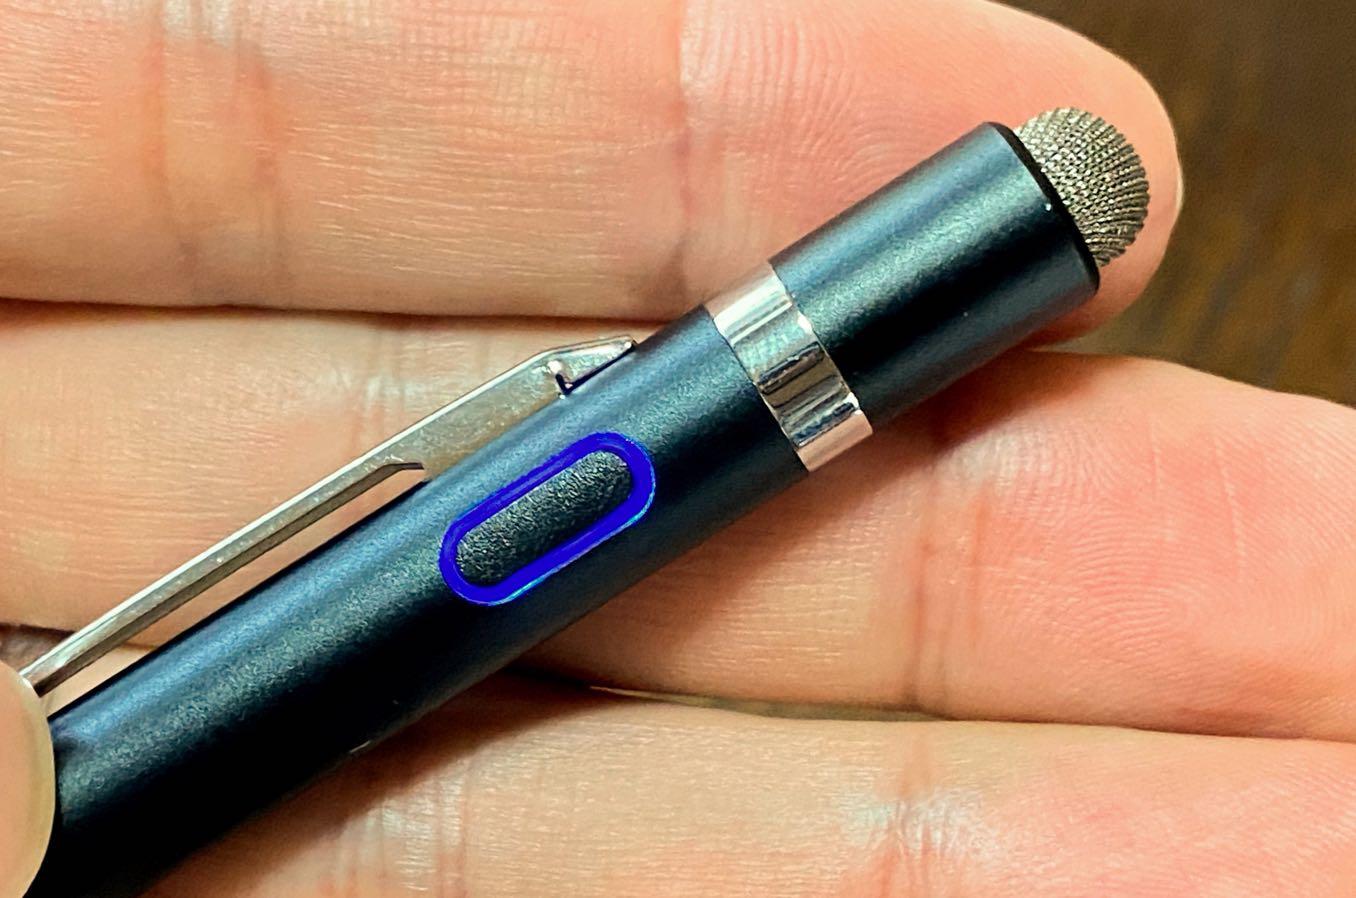 ペンにスイッチがあって電気を起こす